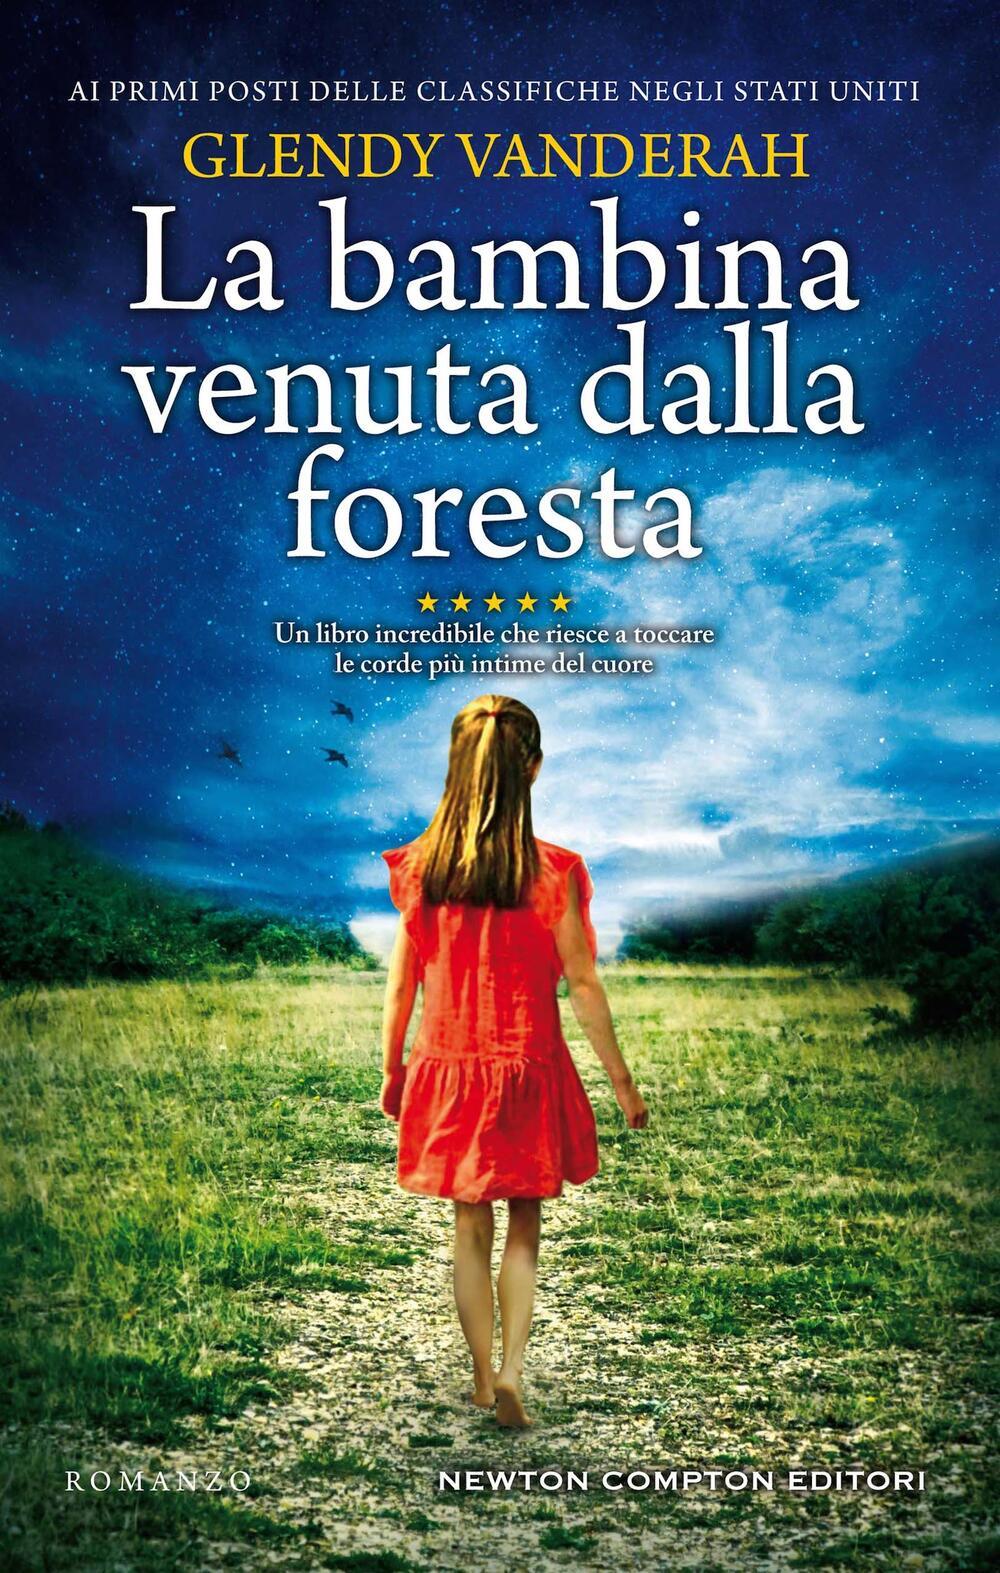 """La bambina venuta dalla foresta"""" di Glendy Vanderah - Cartonato - 3.0 - Il  Libraio"""